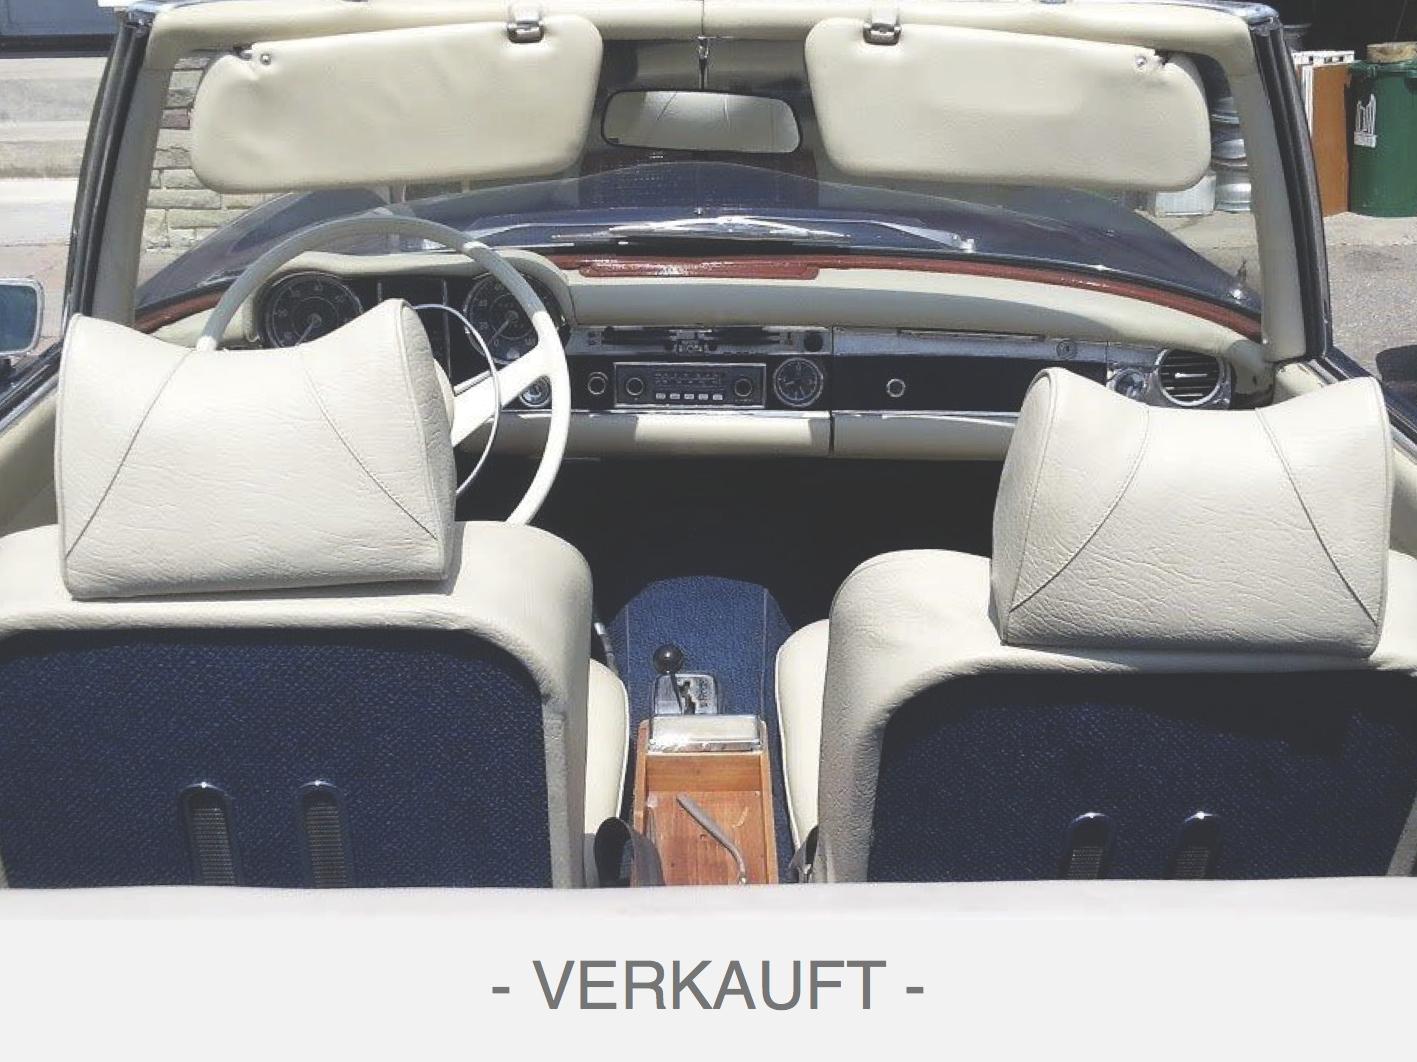 280 SL royal - verkauft